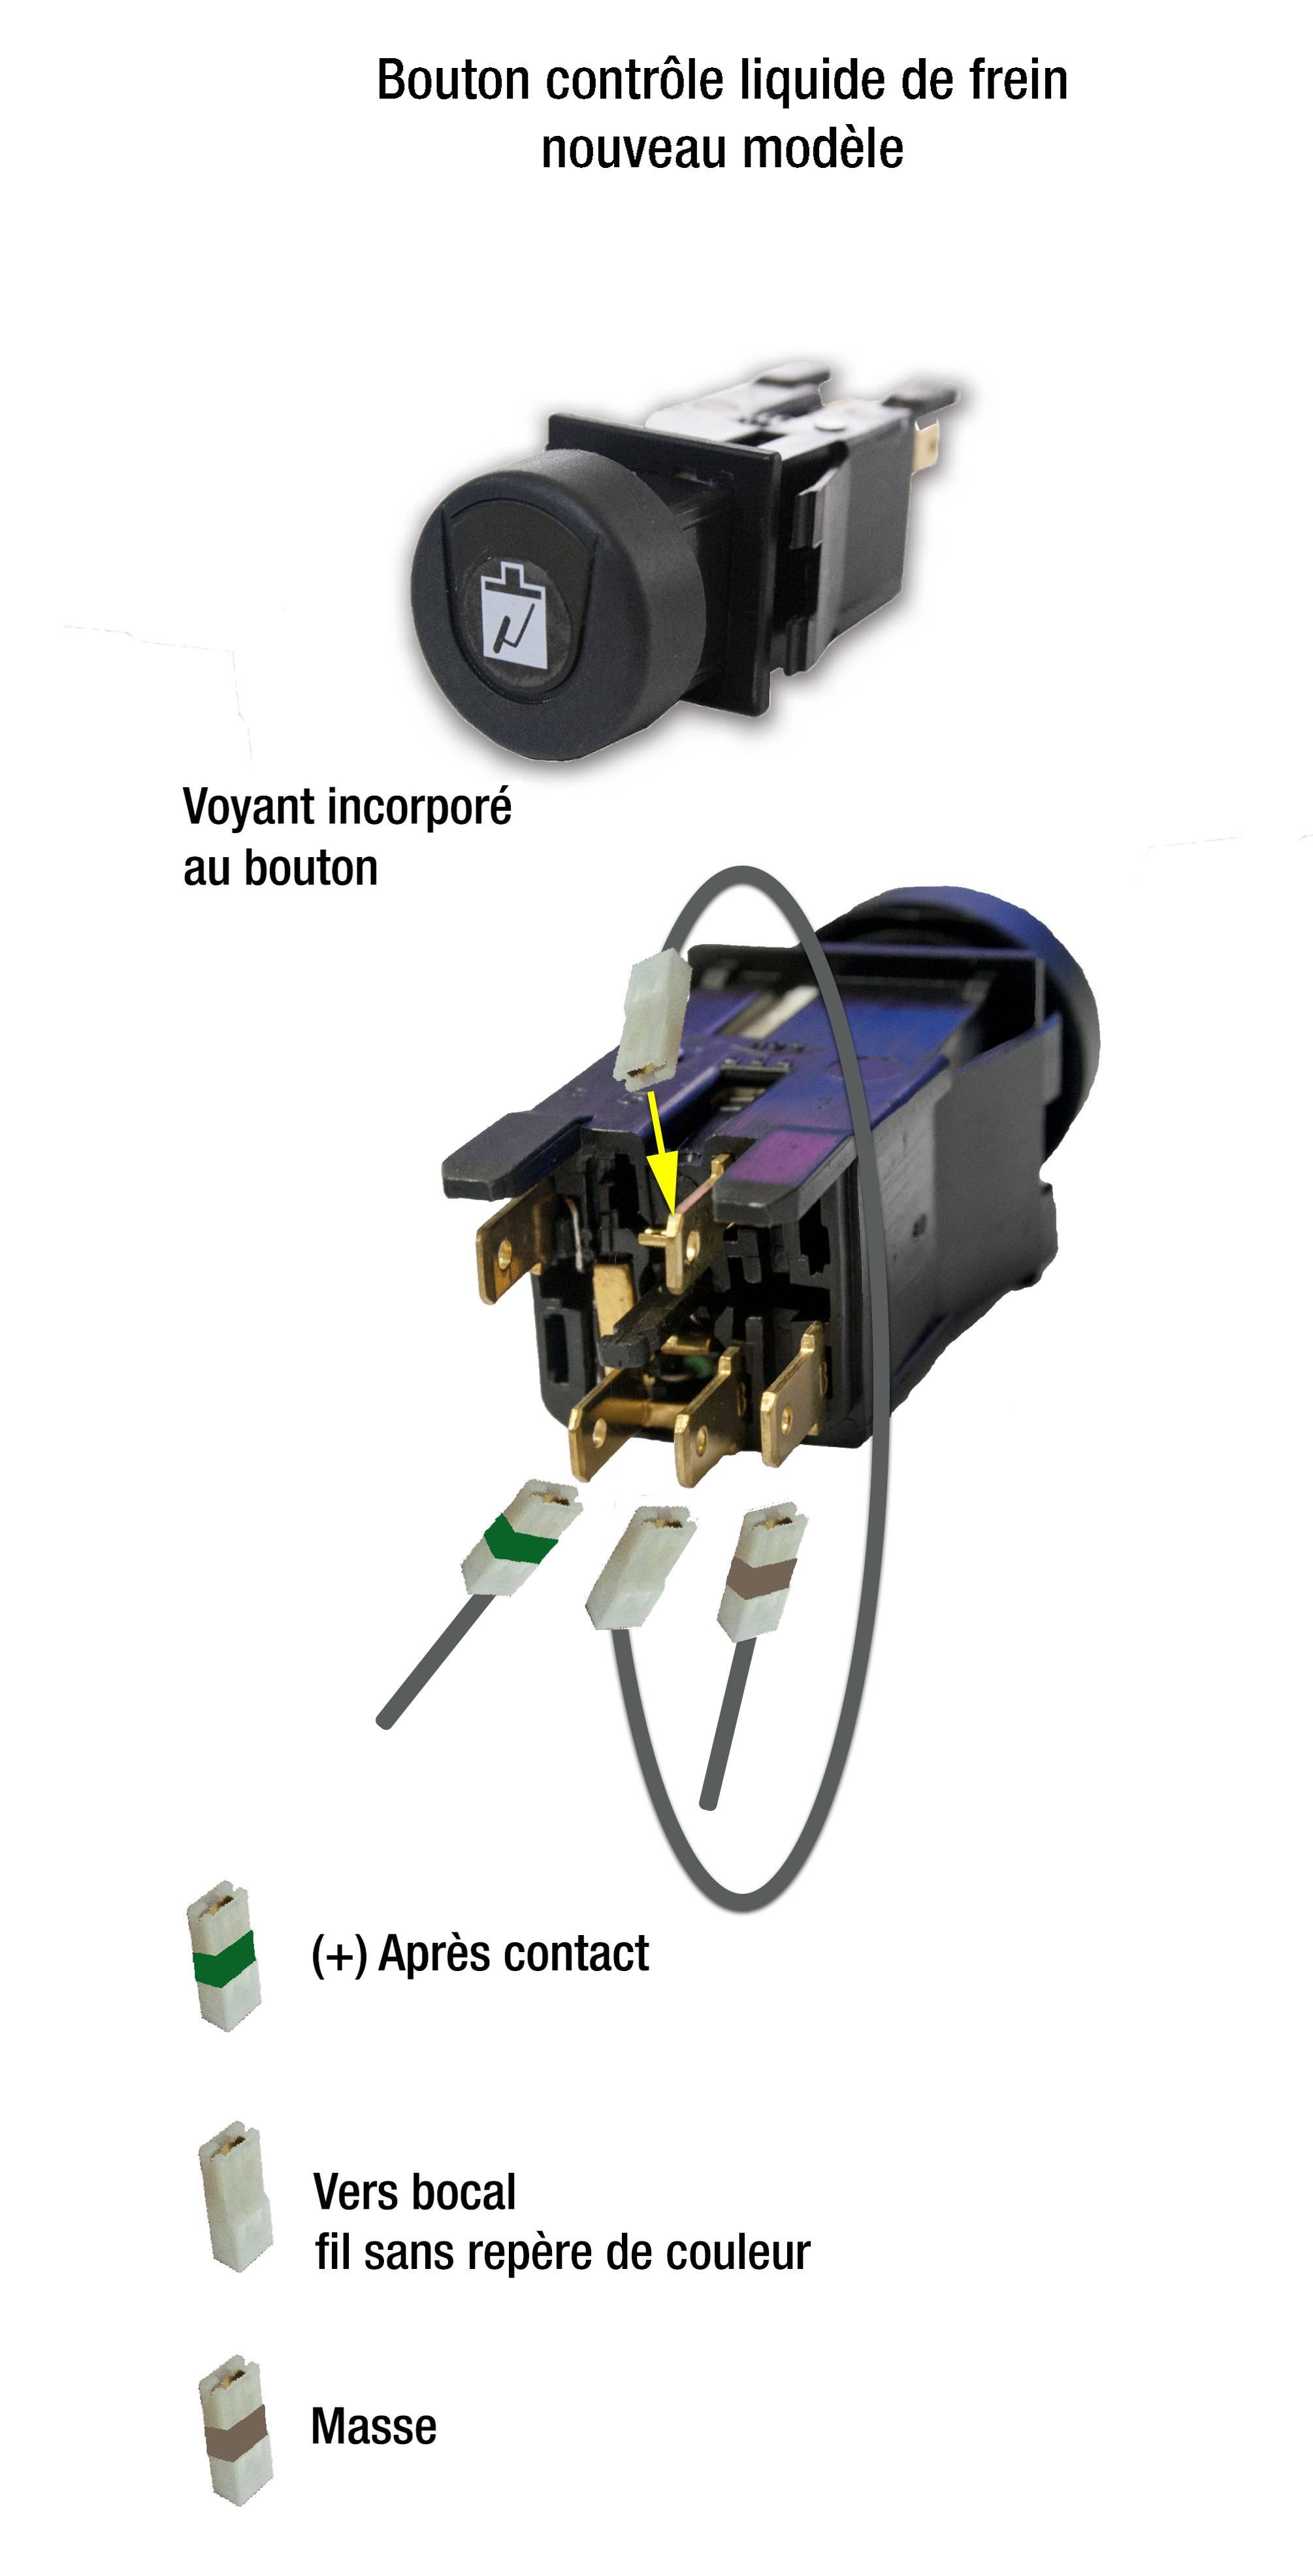 branchement du faisceau lectrique avant de m hari nouveau mod le technique mcc. Black Bedroom Furniture Sets. Home Design Ideas